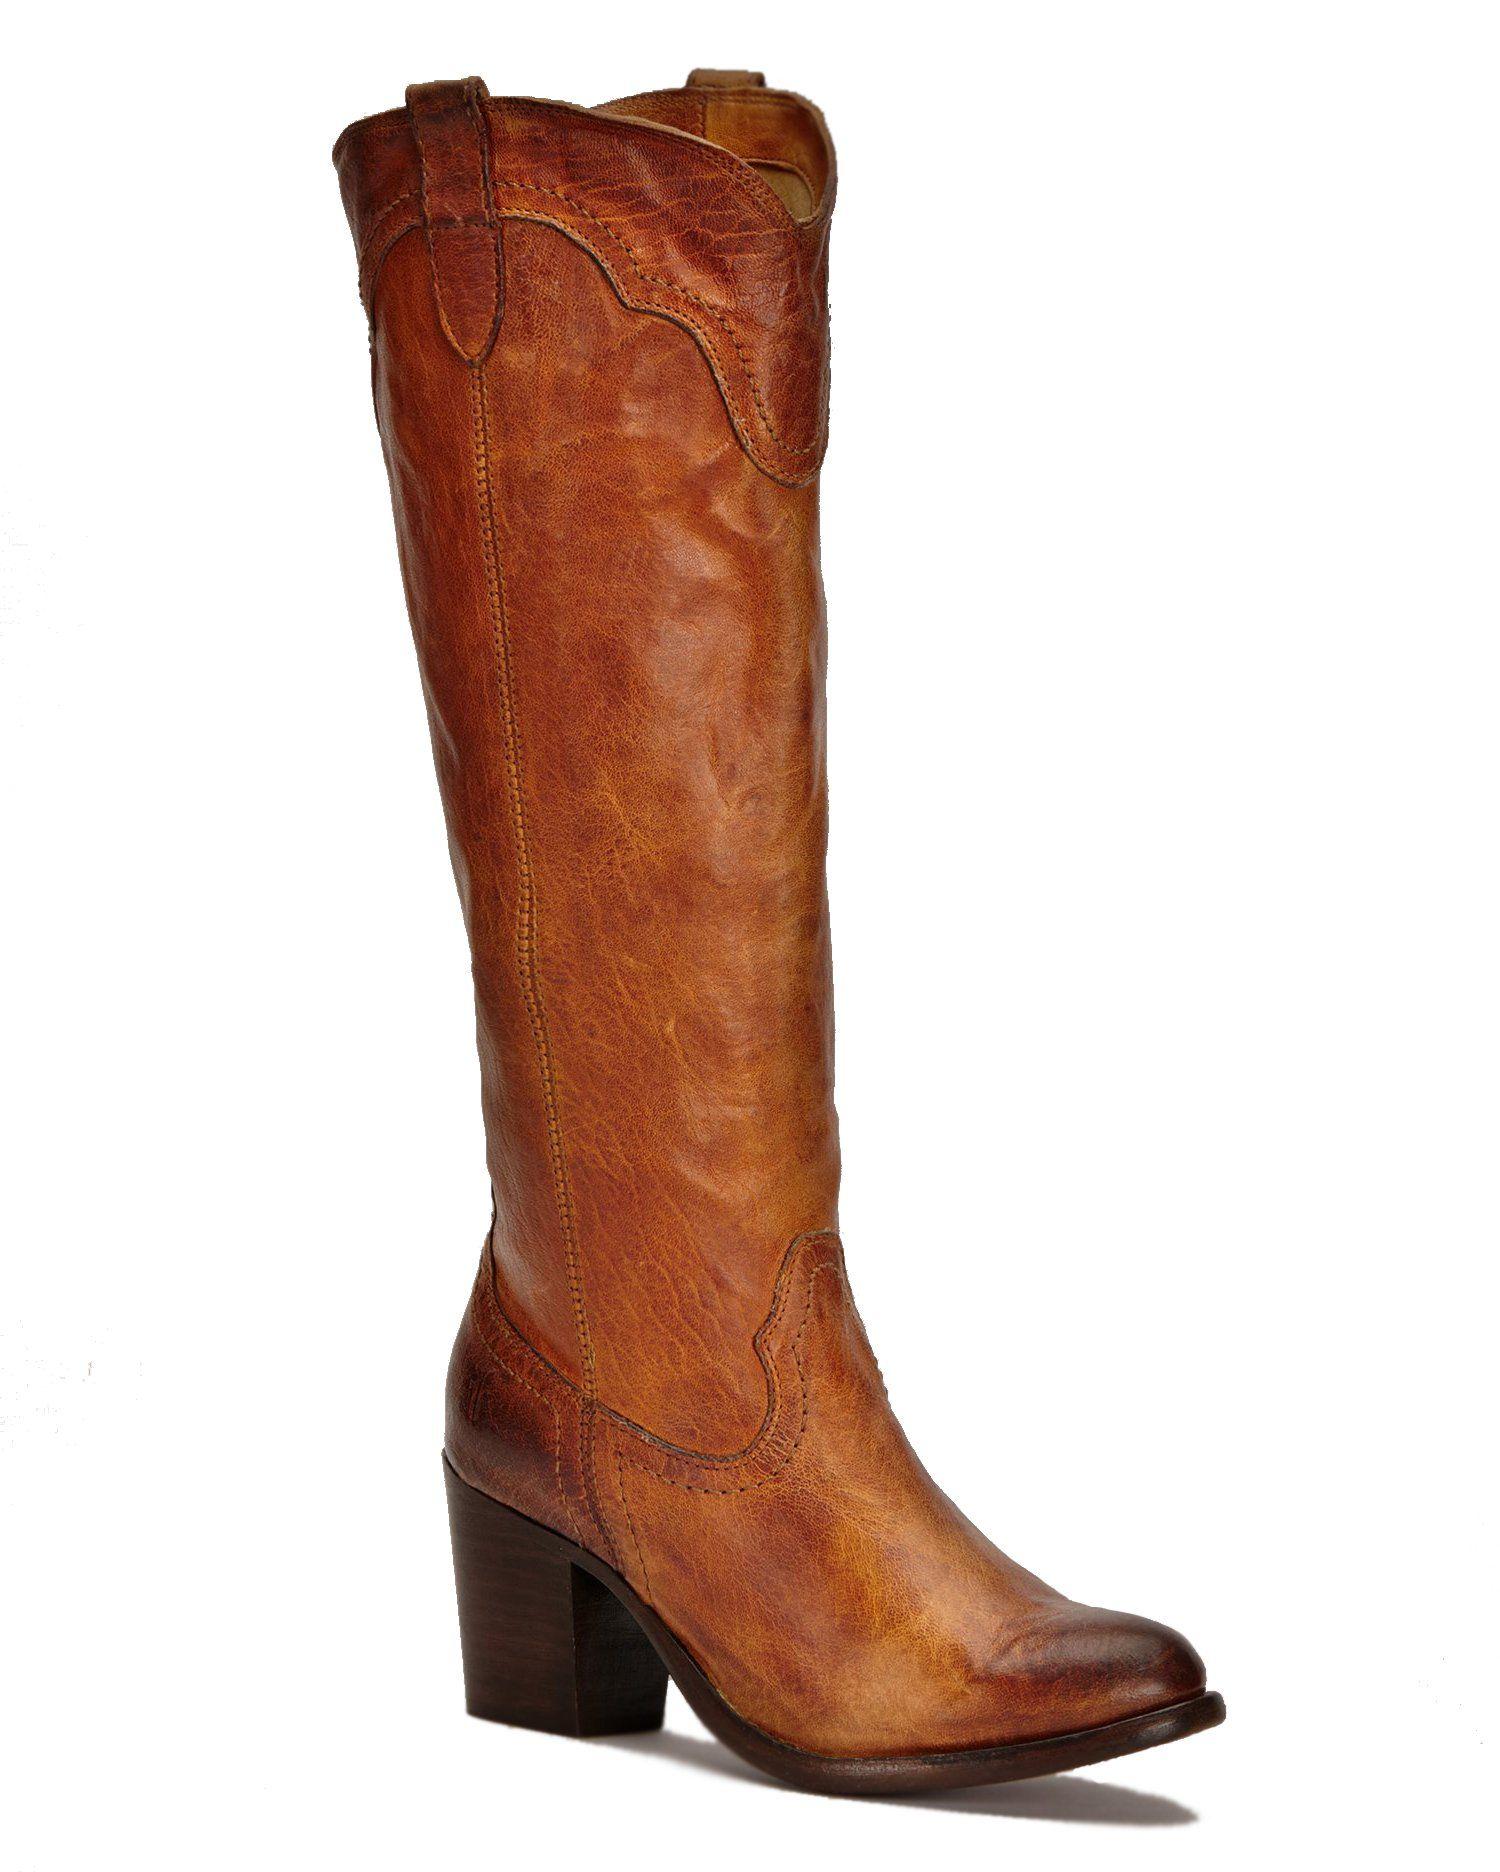 FRYE Women's Tabitha Pull-On Tall Western Boot,Cognac,6.5 M US